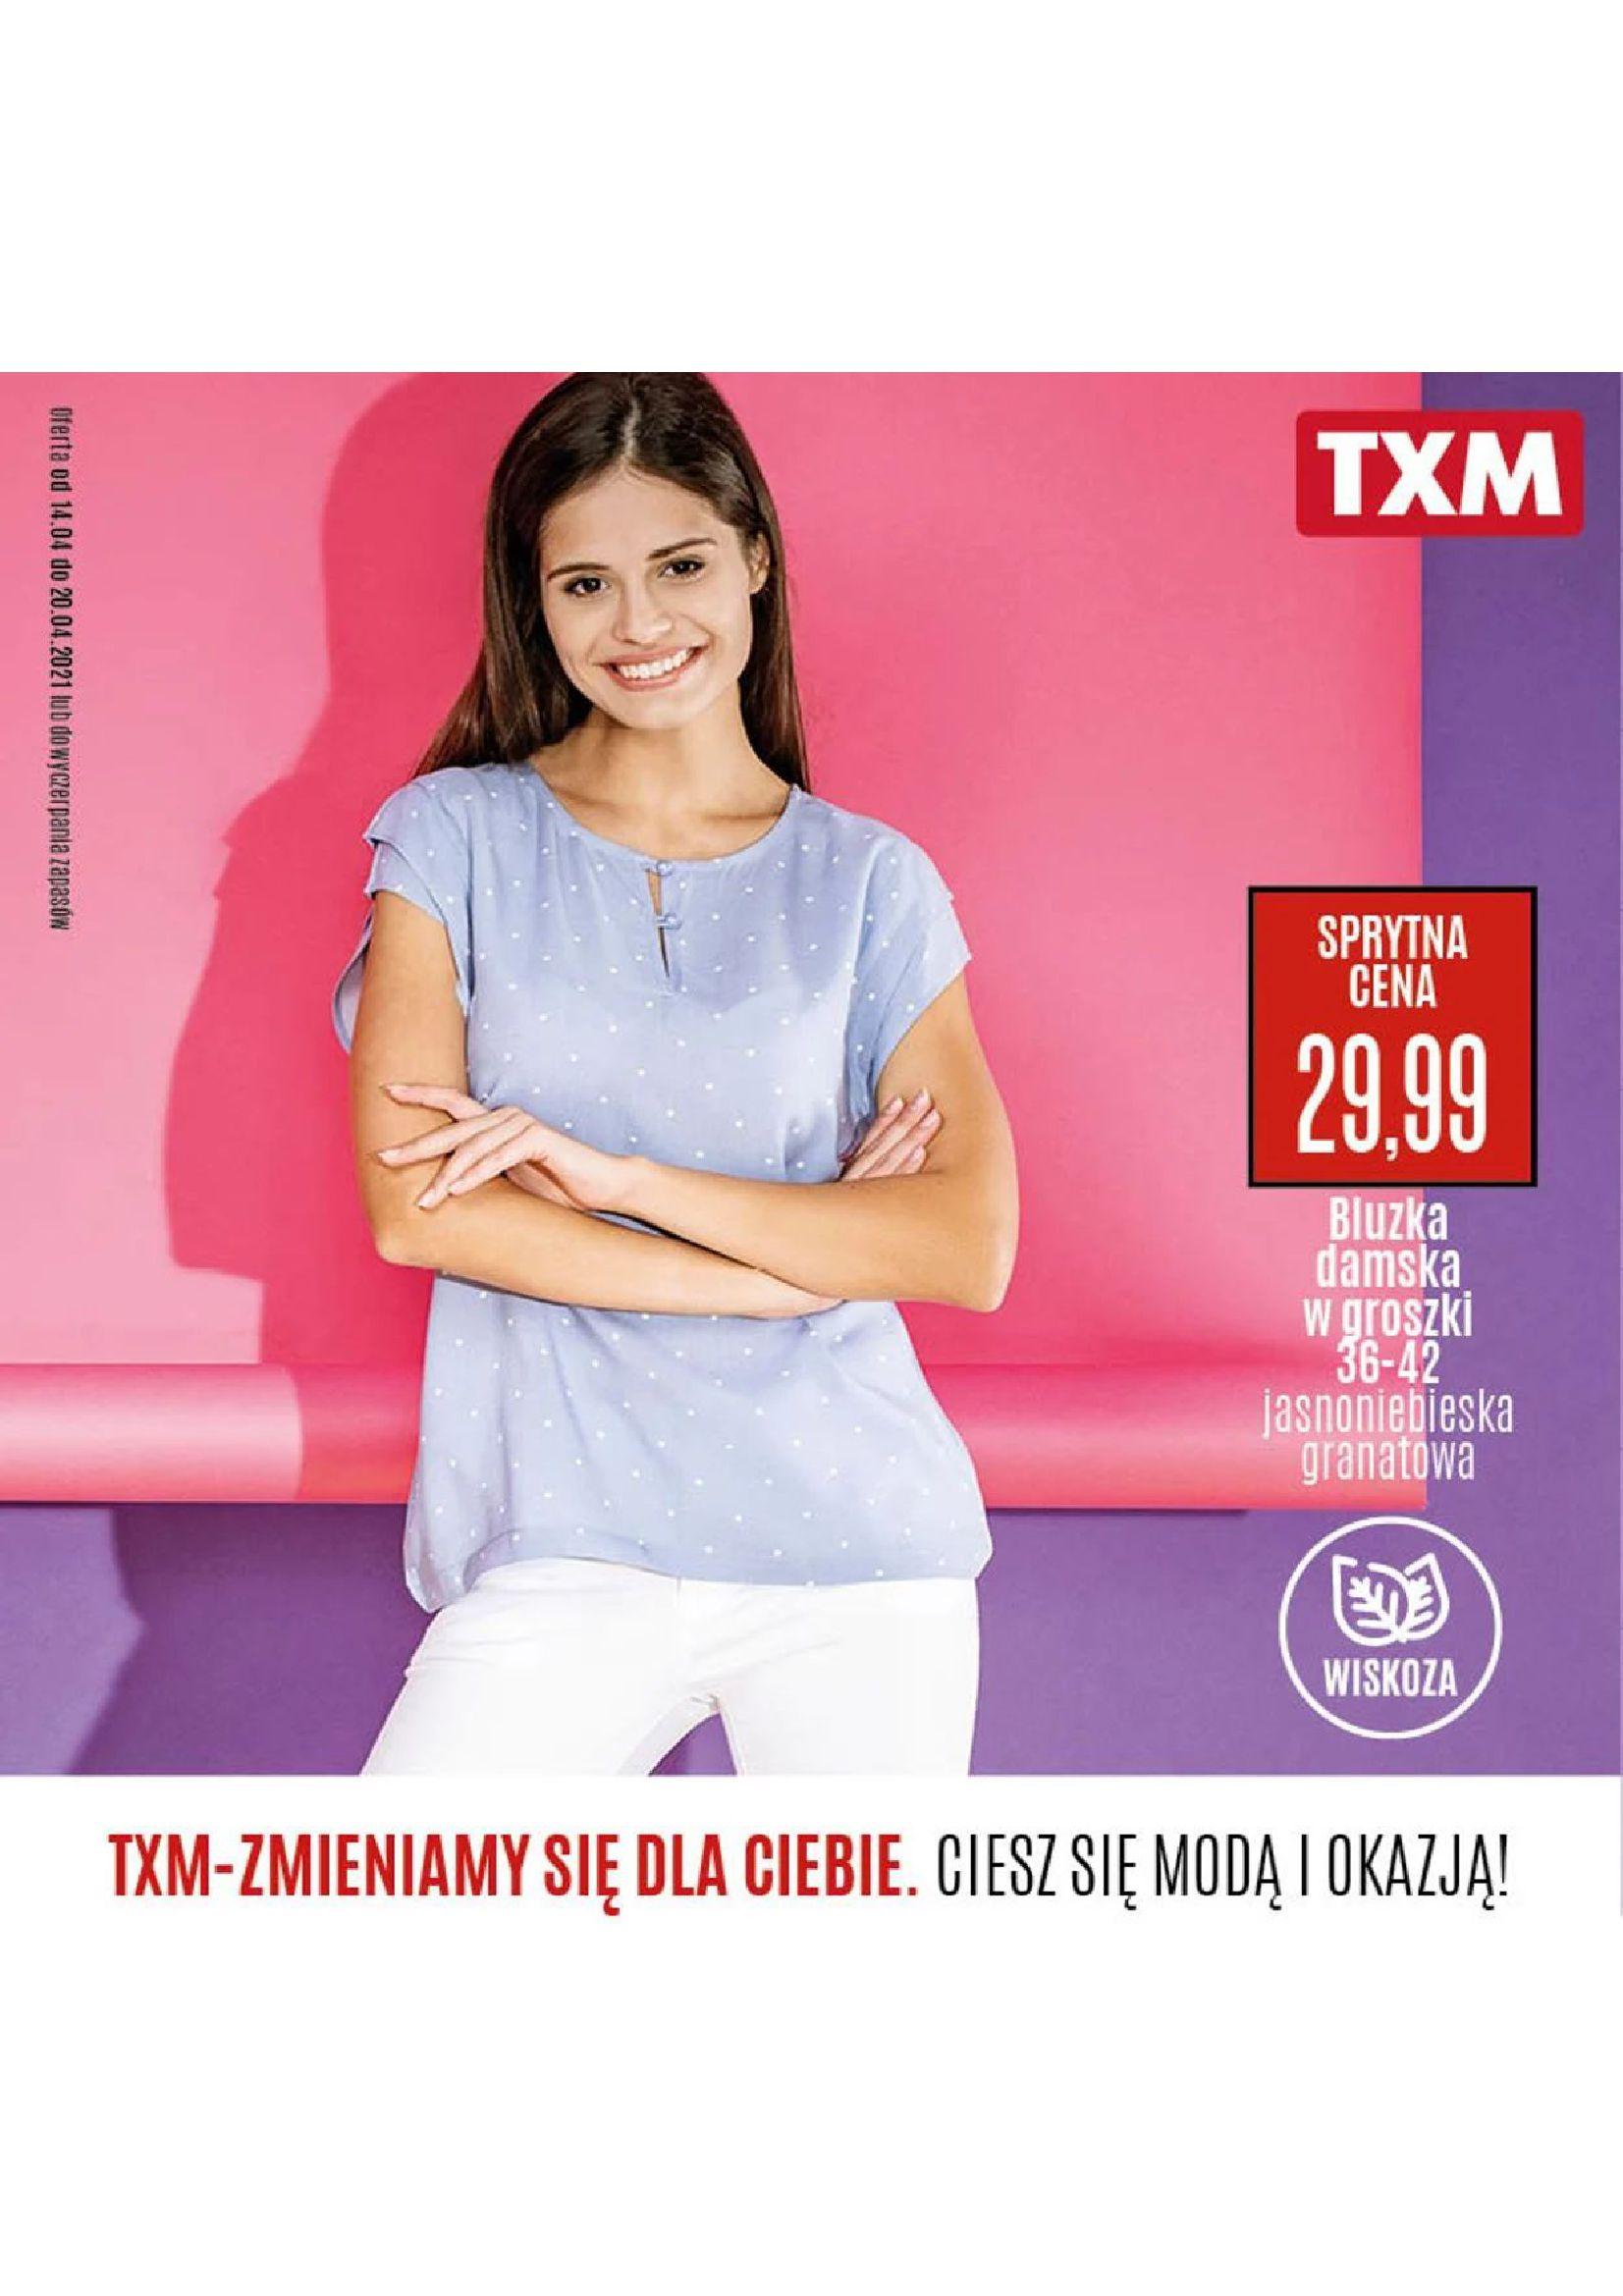 TXM textilmarket:  Gazetka promocyjna 13.04.2021